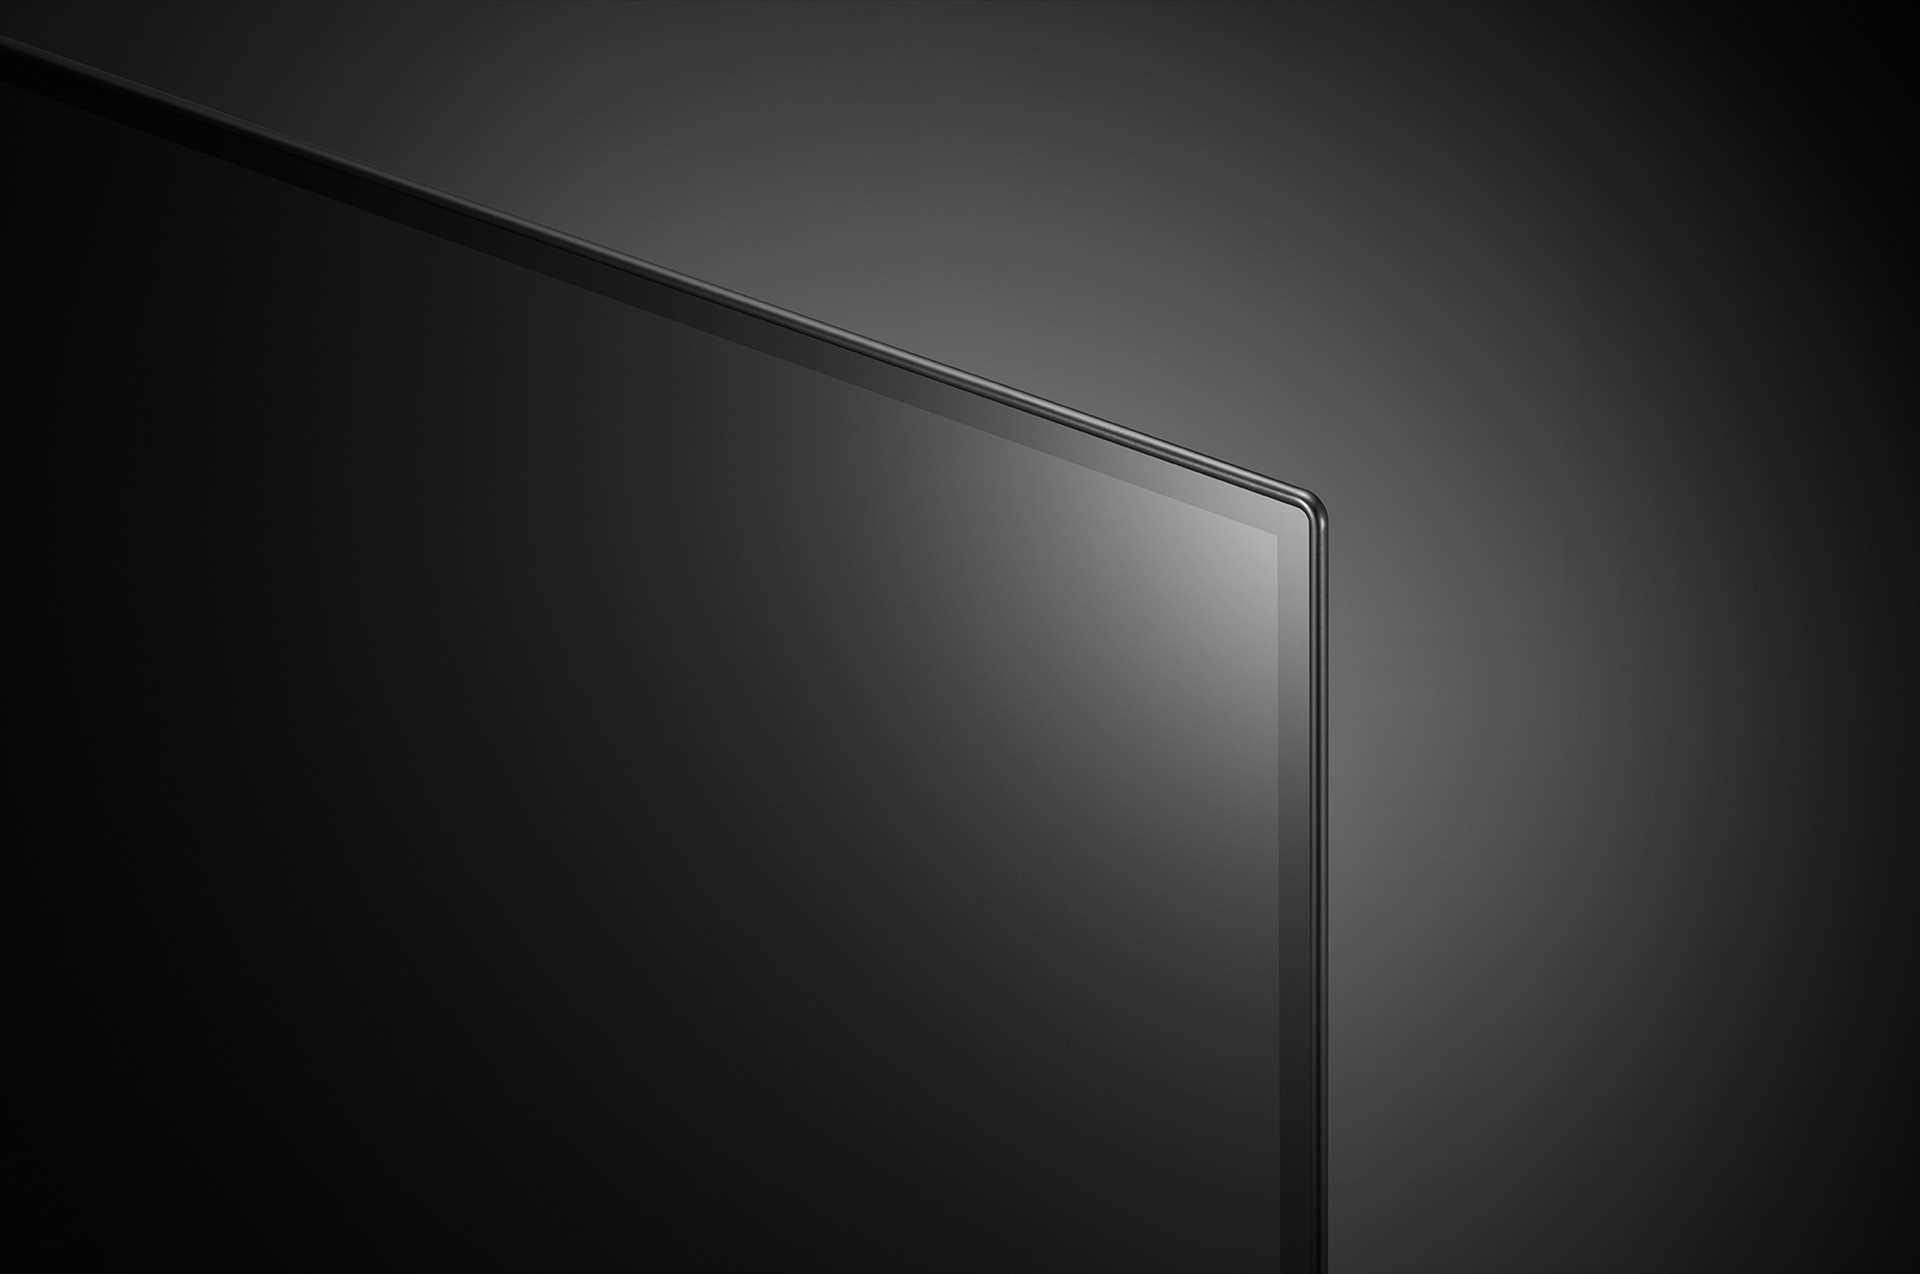 טלוויזיה 55 אינץ' דגם OLED 55A16LA/PVA  בטכנולוגיית LG OLED 4K Ultra HD אל ג'י - תמונה 9